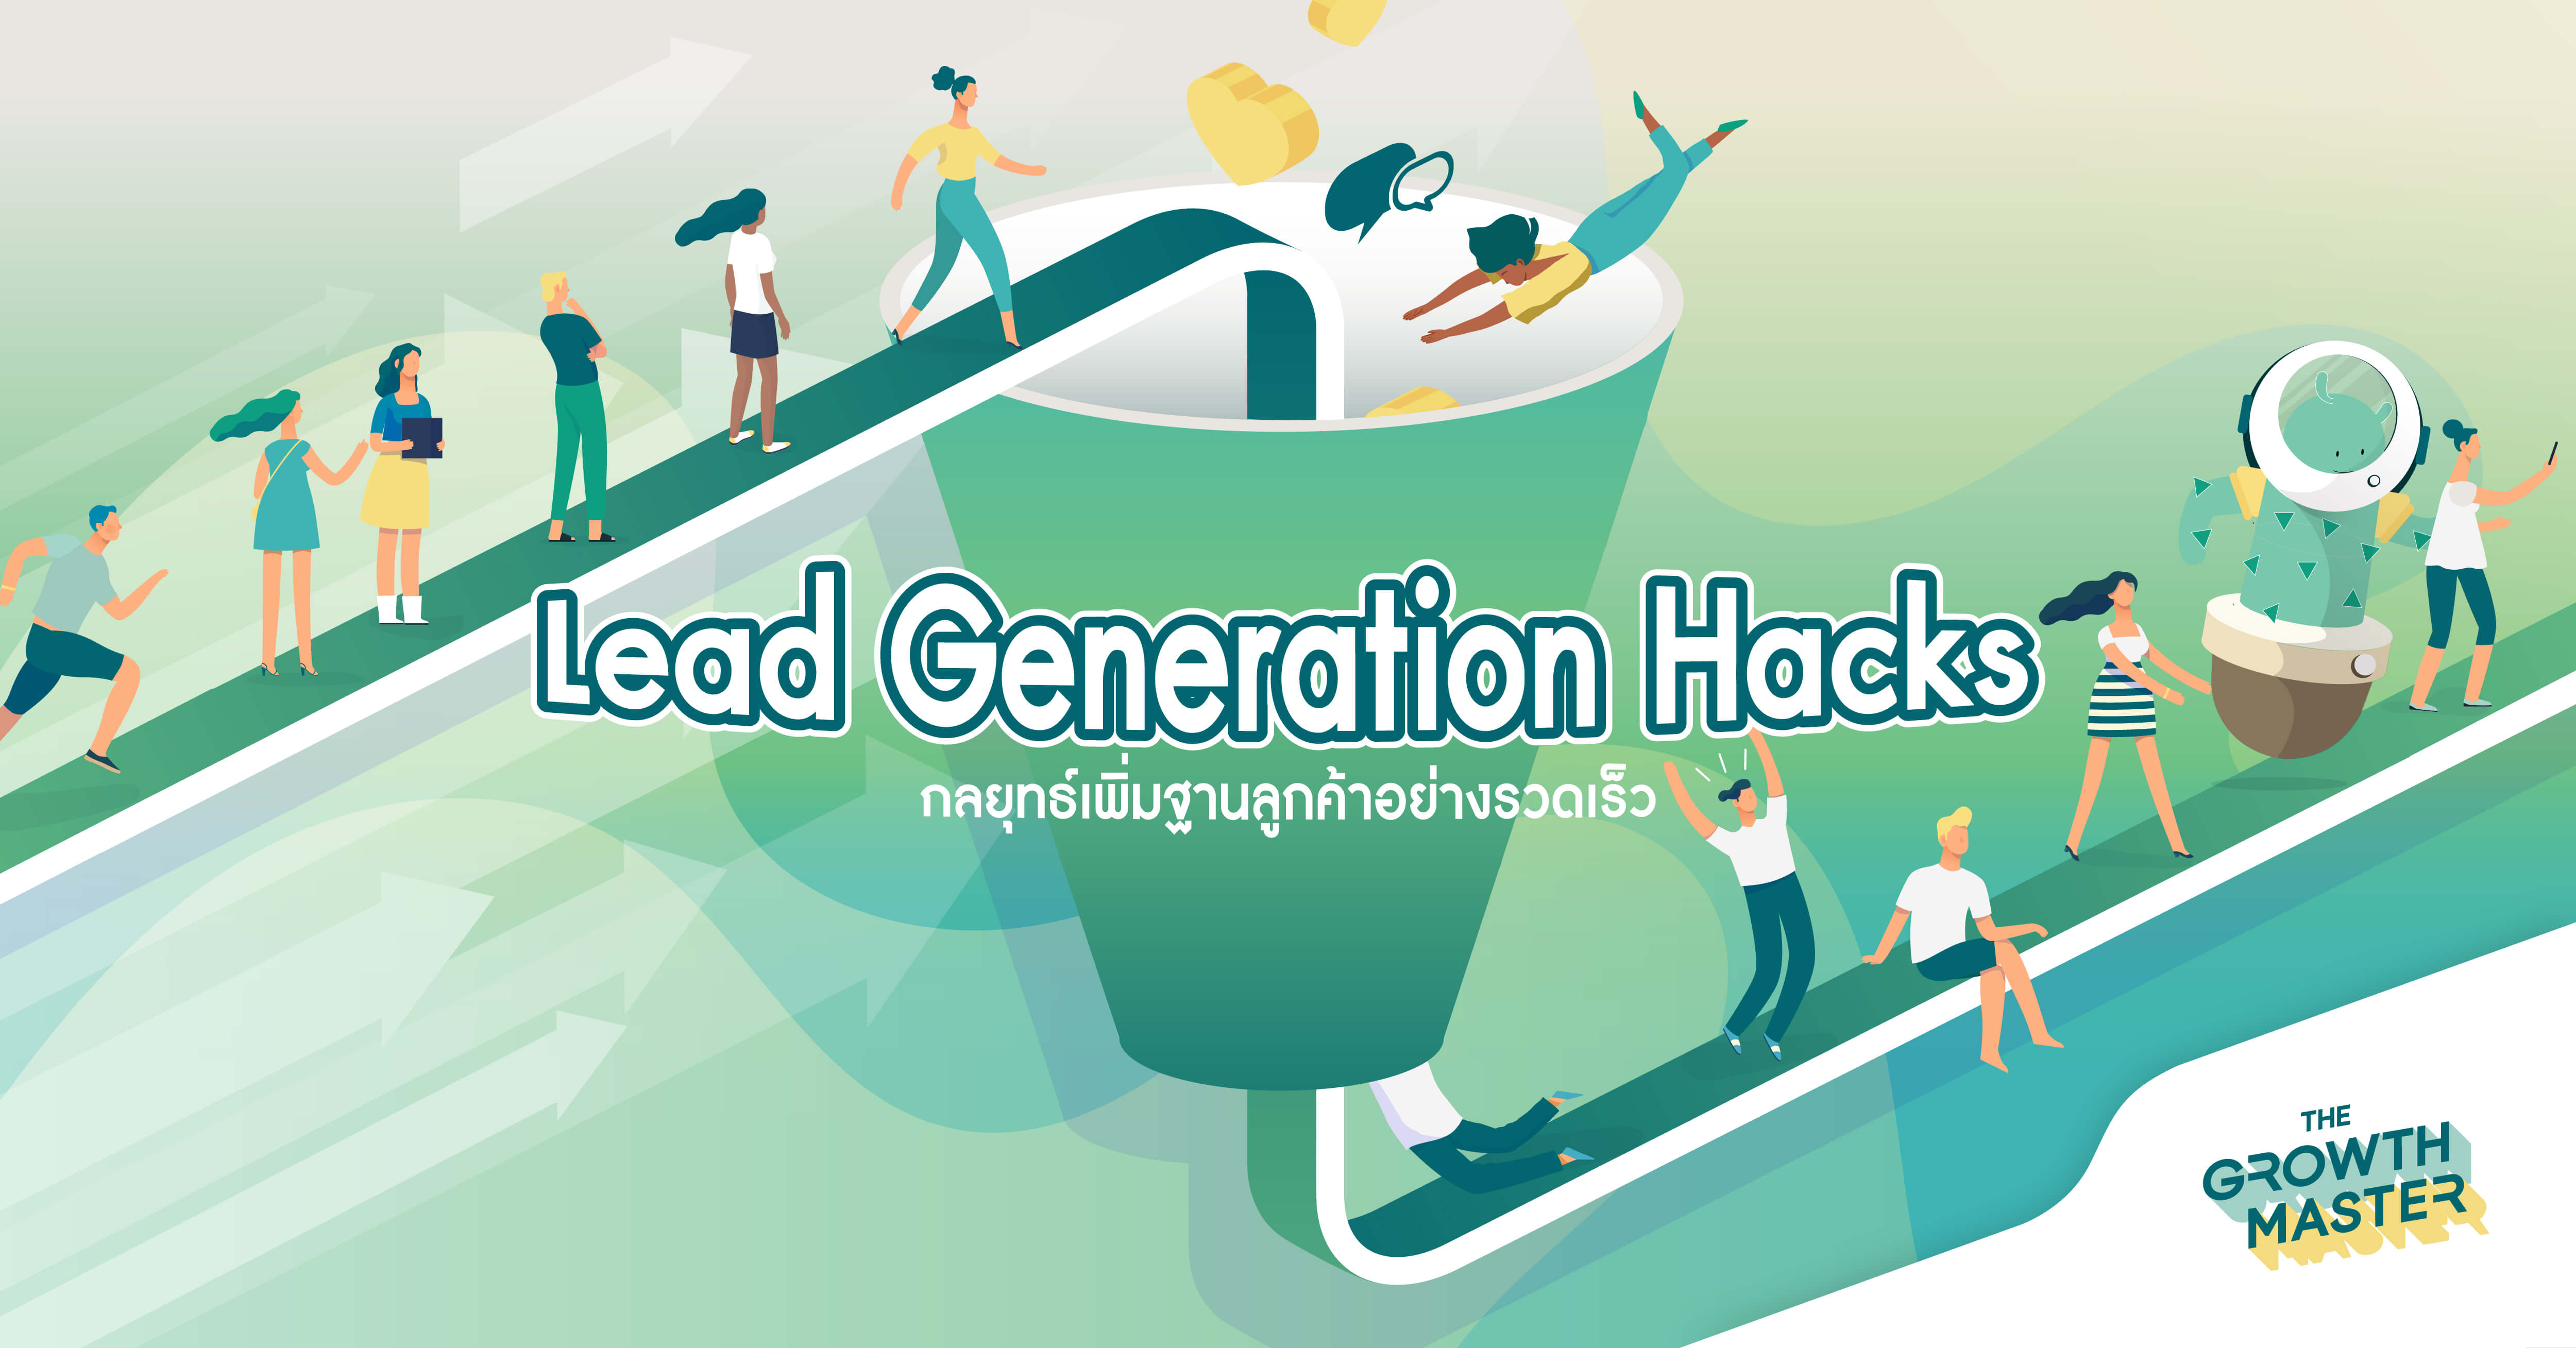 Lead Generation Hacks: 5 ตัวอย่างกลยุทธ์การเพิ่มรายชื่อว่าที่ลูกค้าอย่างรวดเร็ว